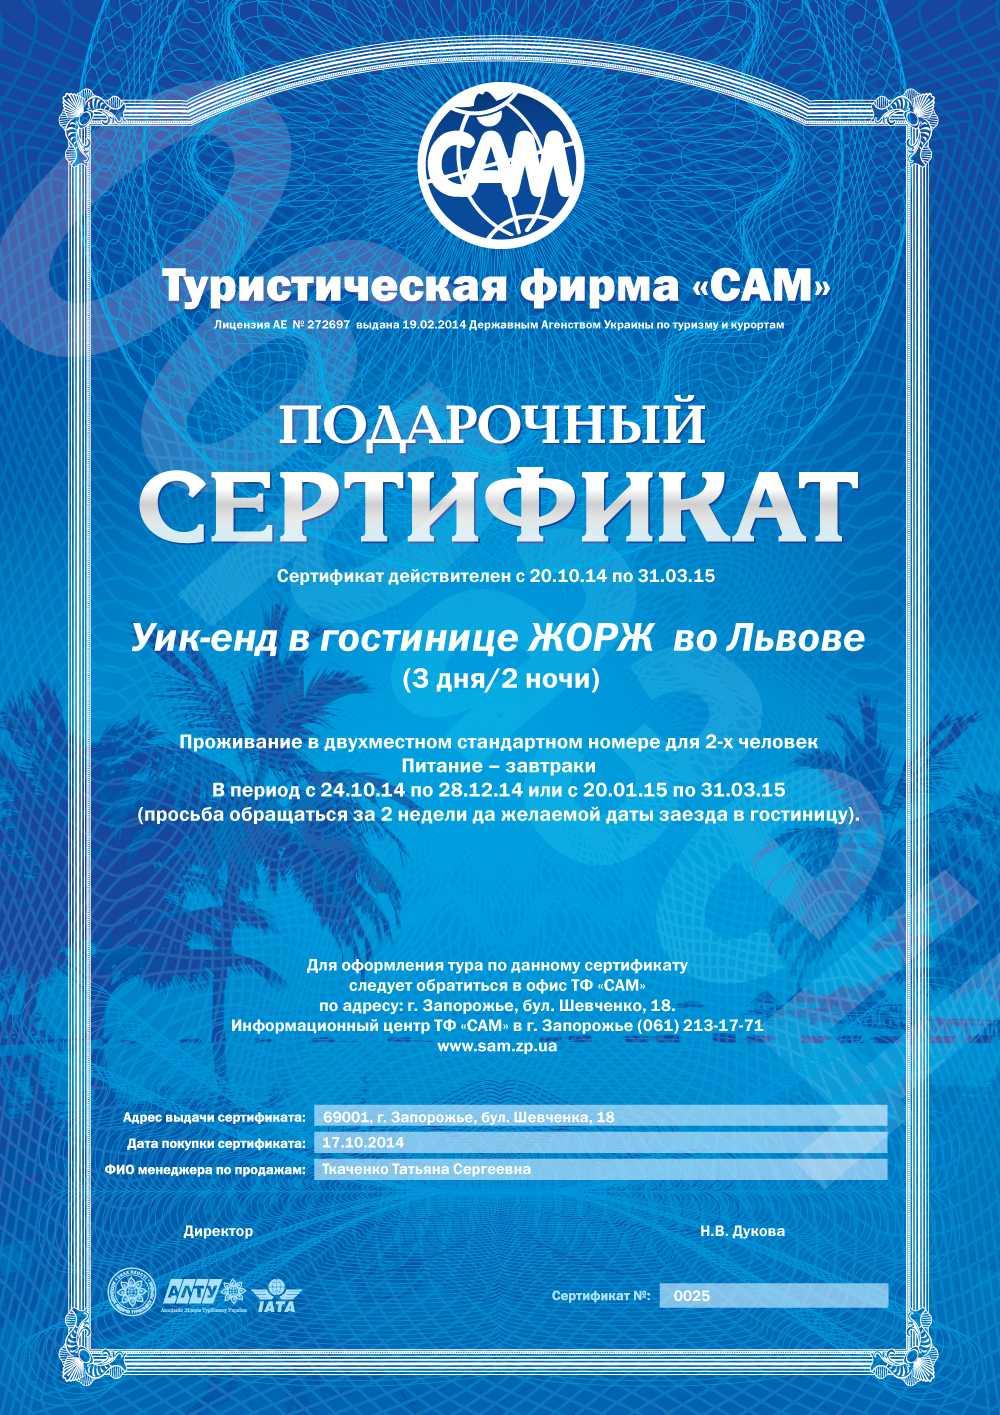 Турфирма САМ - Подарочный сертификат